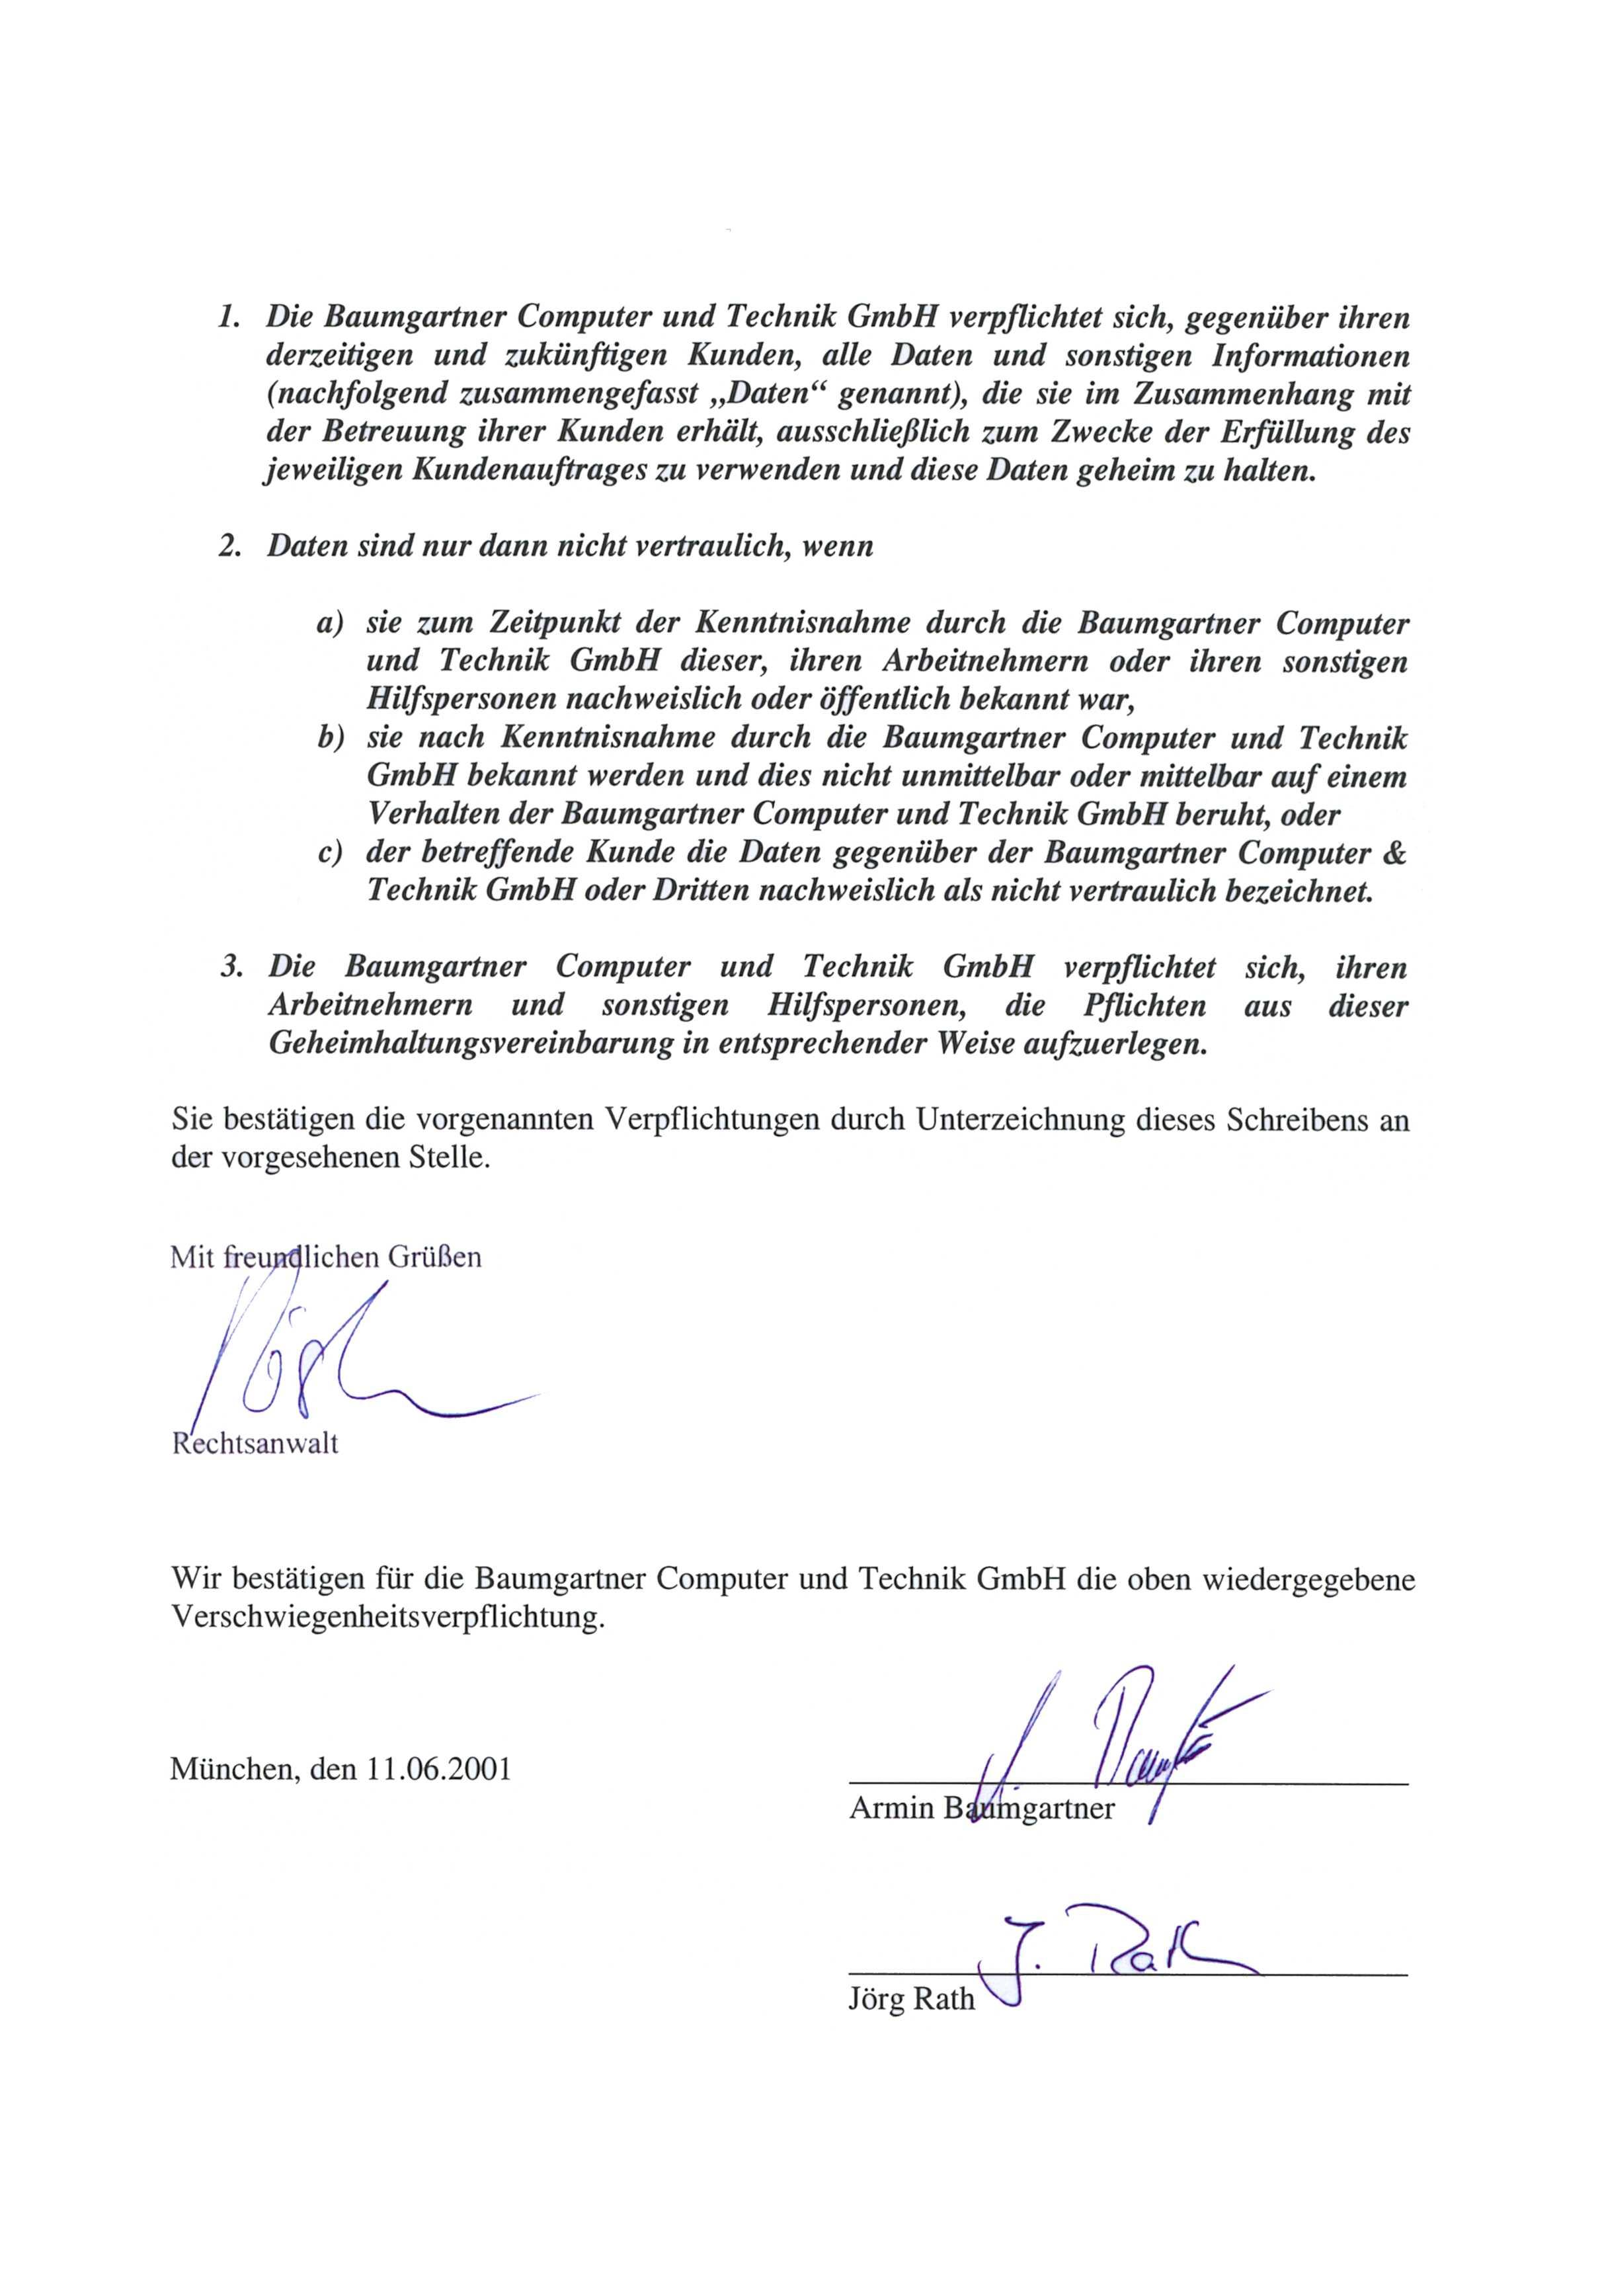 2001_06_RAe Klapp und Roeschmann_Geheimh